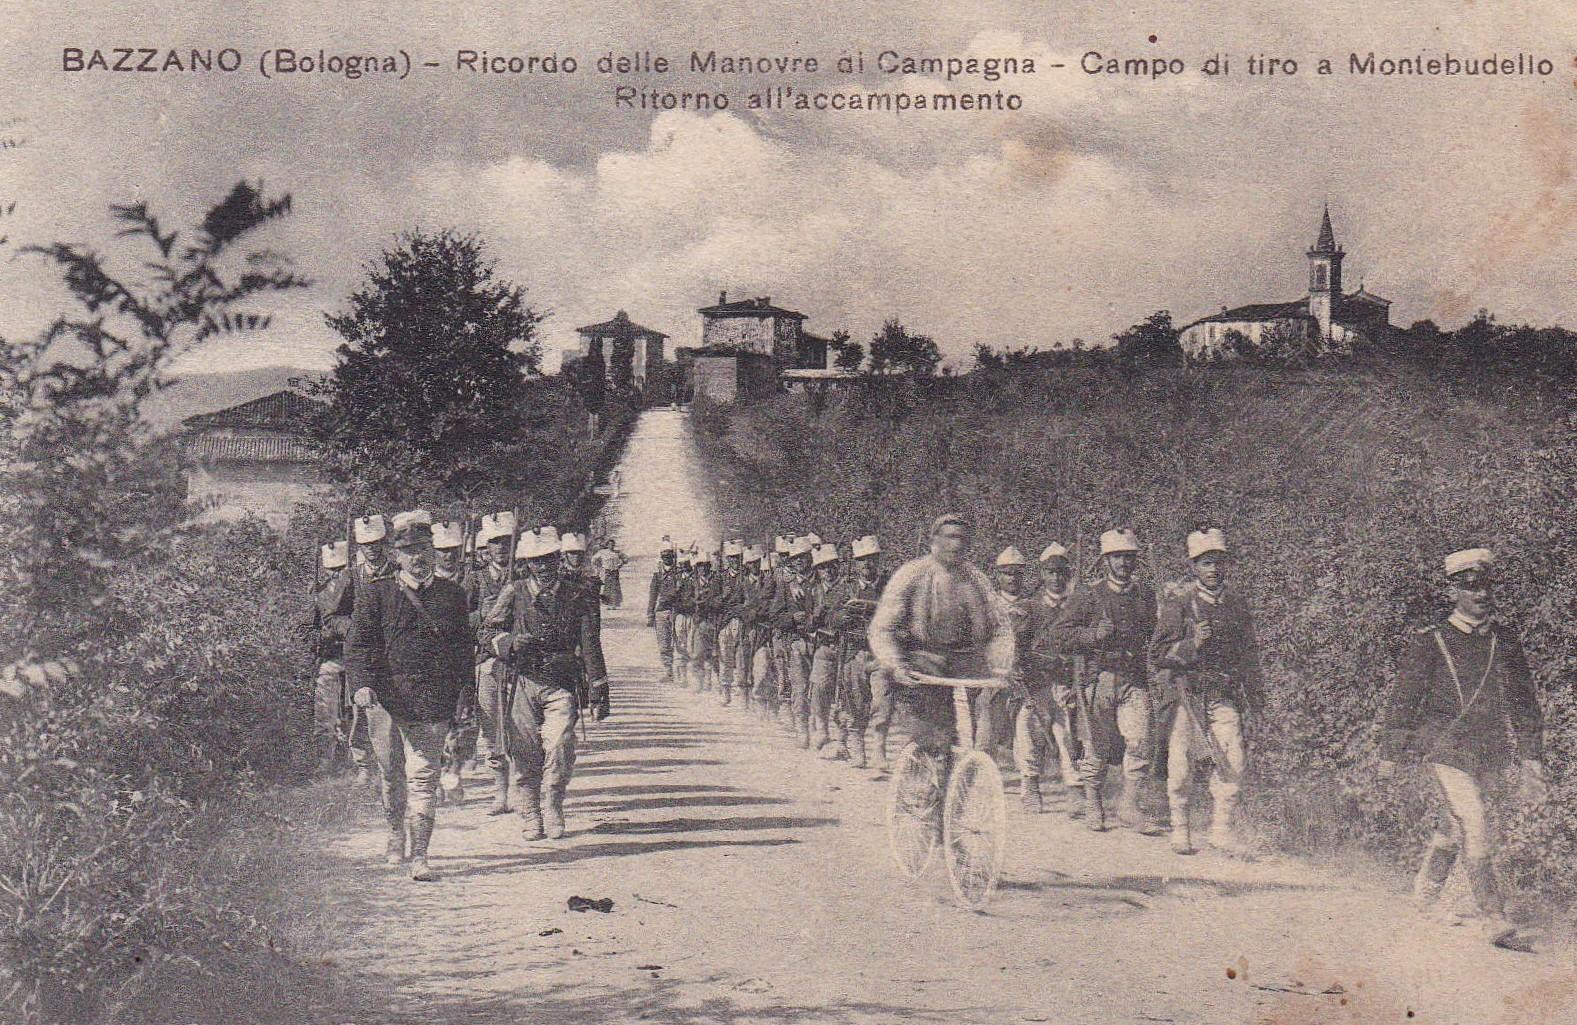 Mostra sulla Grande Guerra - Soldati in marcia nelle campagne tra Bazzano e Monteveglio, mentre ritornano da un'esercitazione militare a Montebudello. Cartolina, famiglia Clemente Contri - Contadini nella Prima guerra mondiale